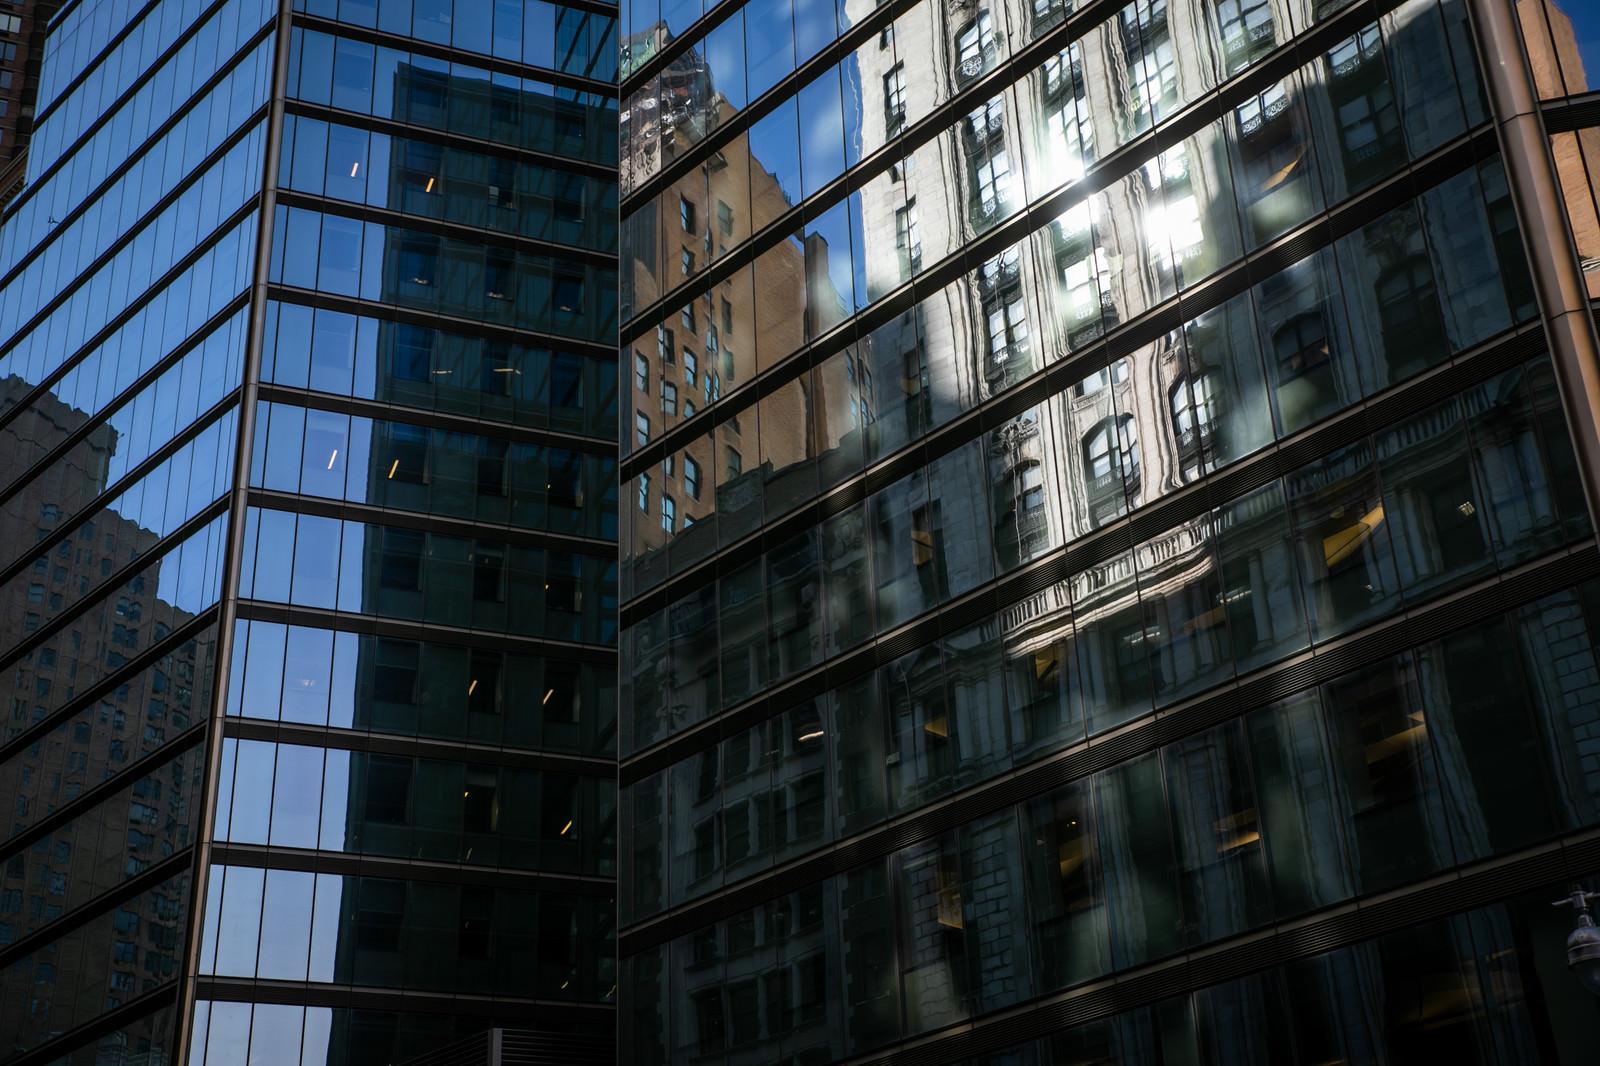 「高層ビルのガラス窓に反射する街並み(ニューヨーク)」の写真